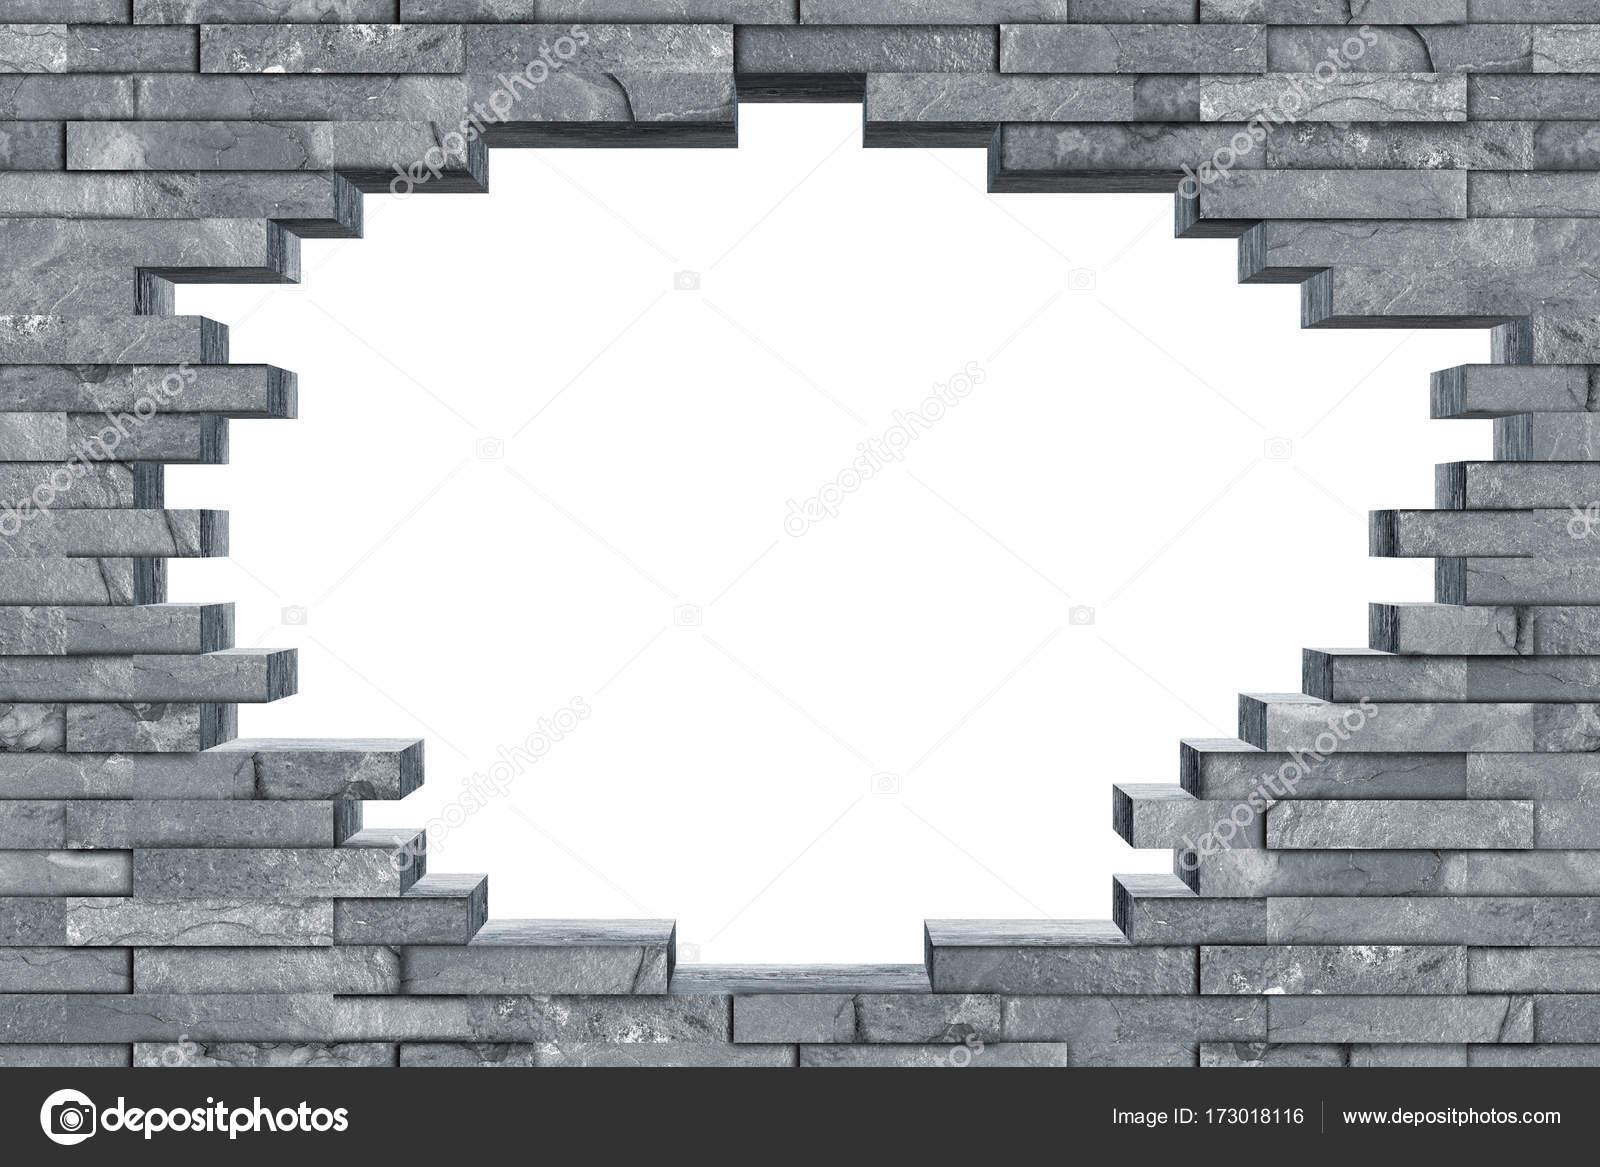 Brilliant Durchbruch Wand Sammlung Von Nahtlose Grauen Schiefer Rock Mit Loch Textur